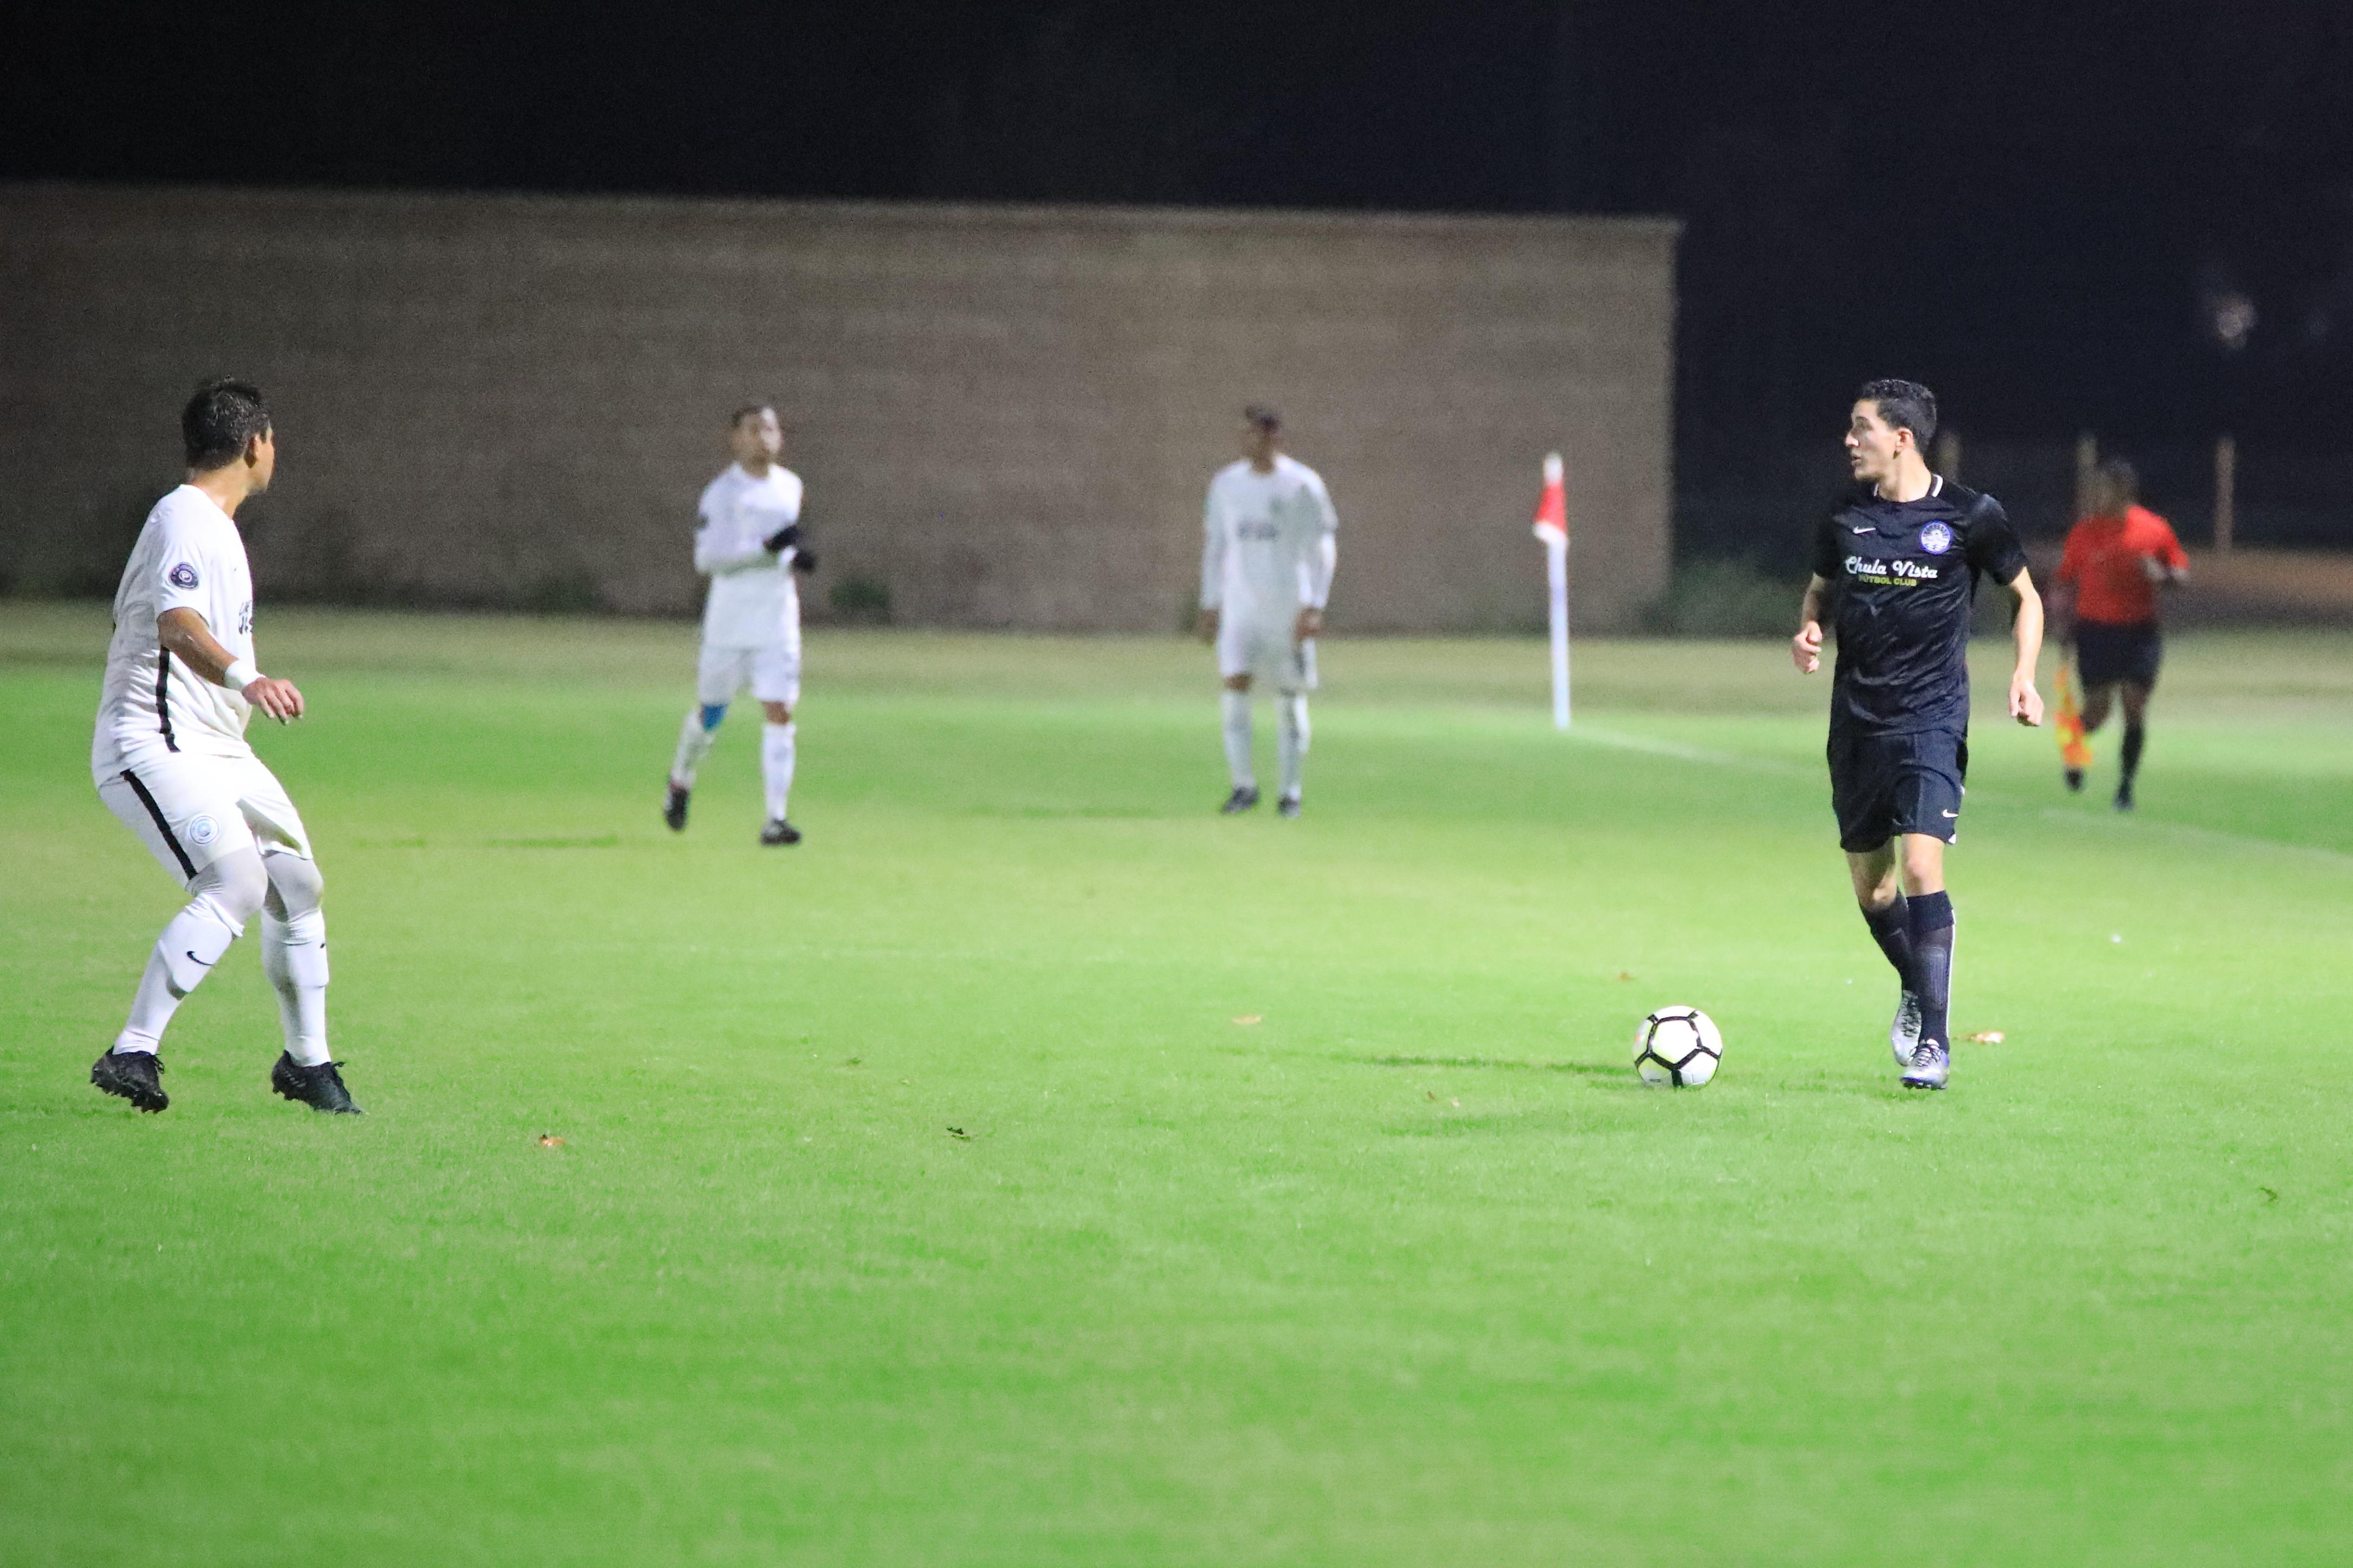 Lamar Hunt US Open Cup: Chula Vista FC to participate in 2021